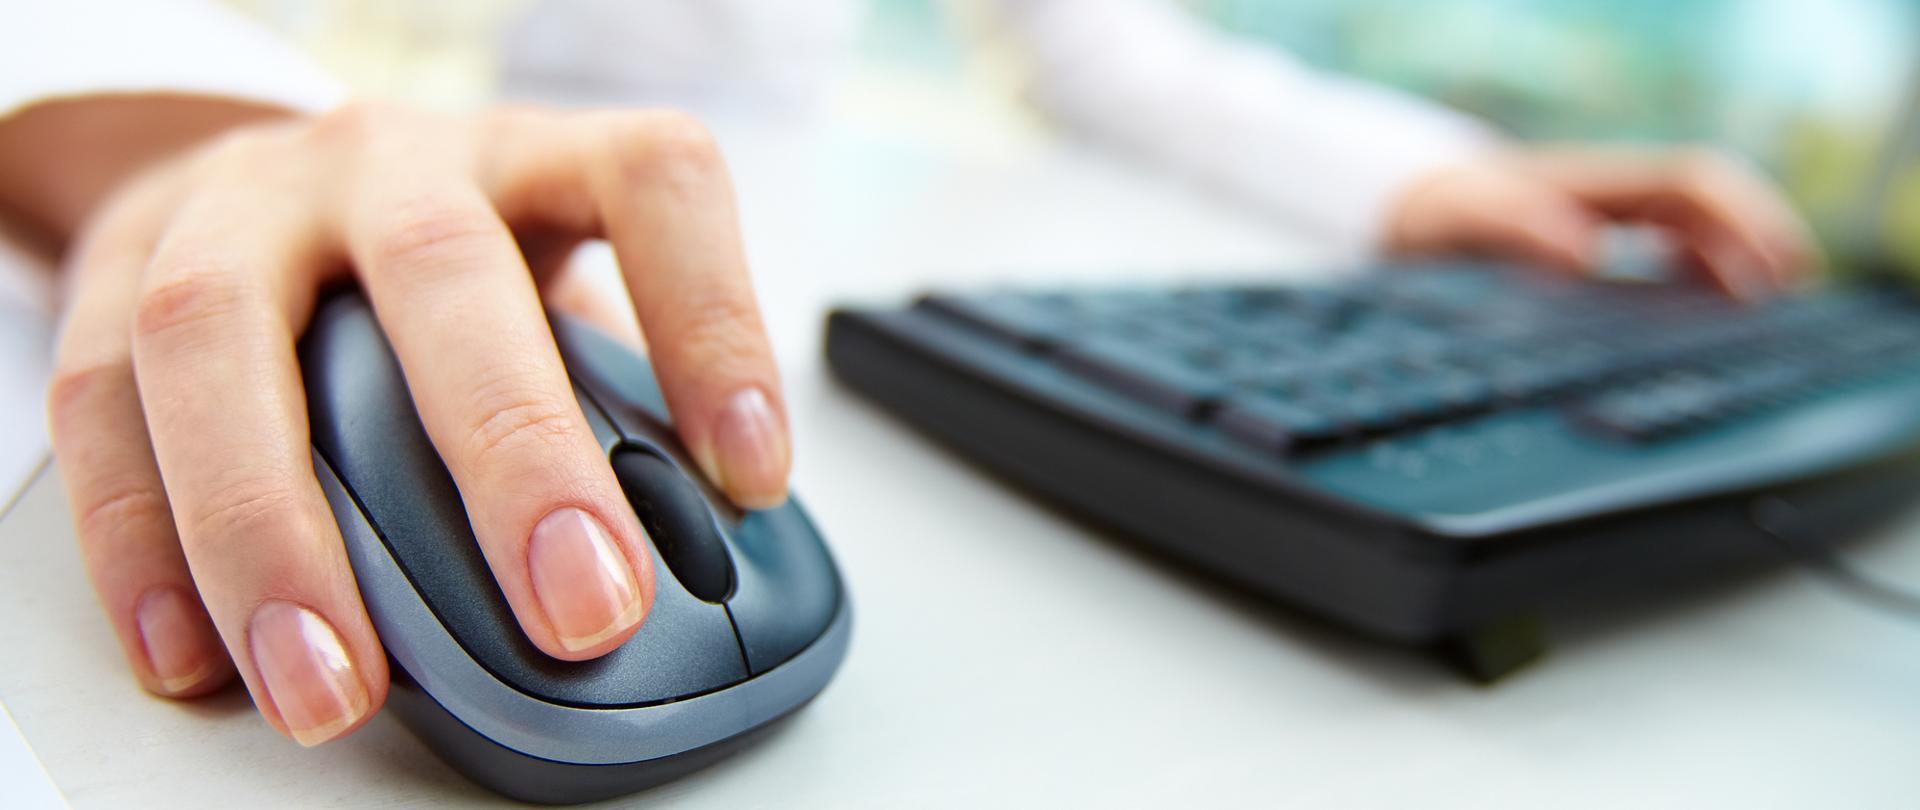 Osoba przed komputerem, jedna ręka na klawiaturze, druga na myszce